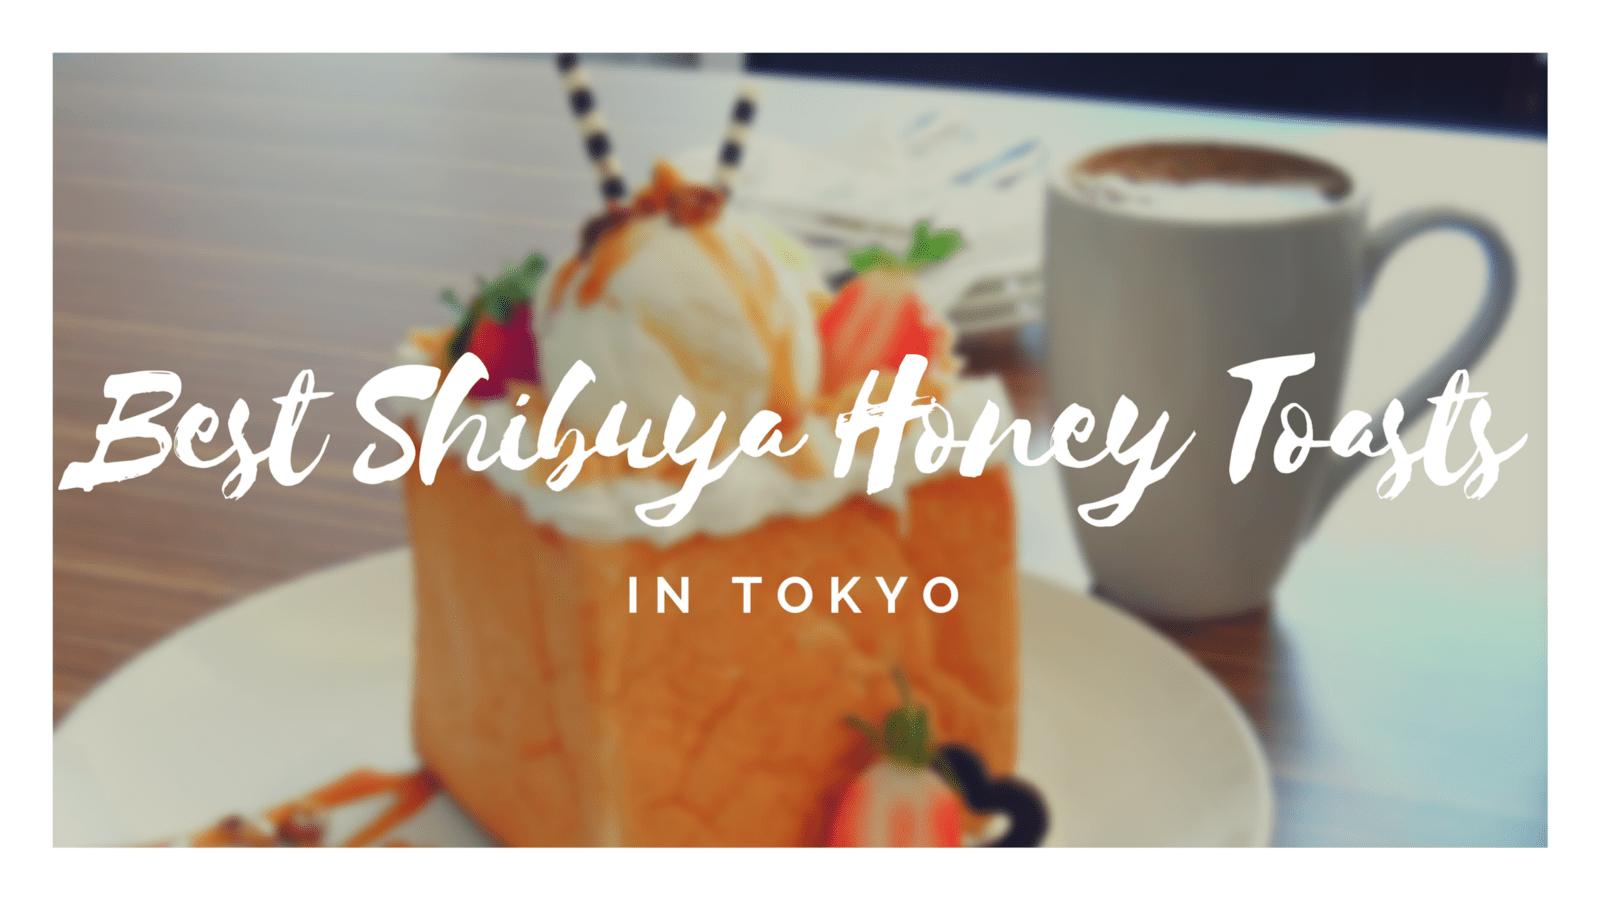 5 Best Shibuya Honey Toasts in Tokyo